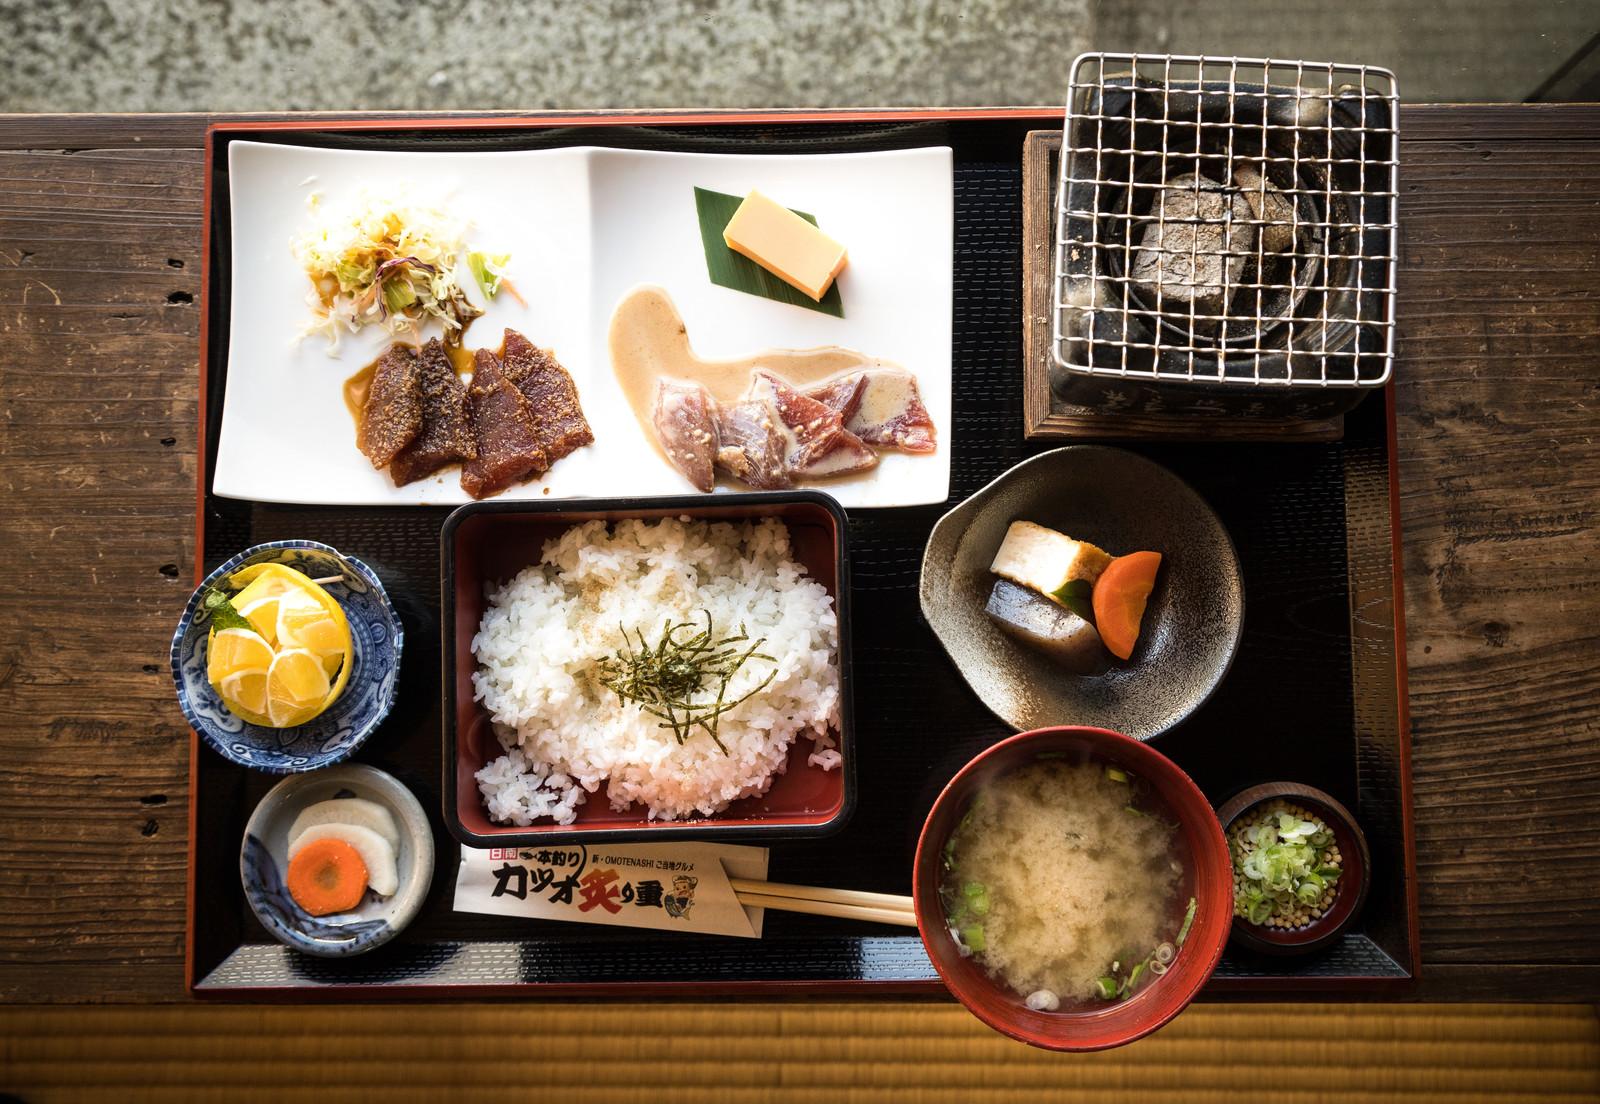 吉池食堂はアメ横で人気の名店!おすすめのメニューや安いお得なランチを紹介!